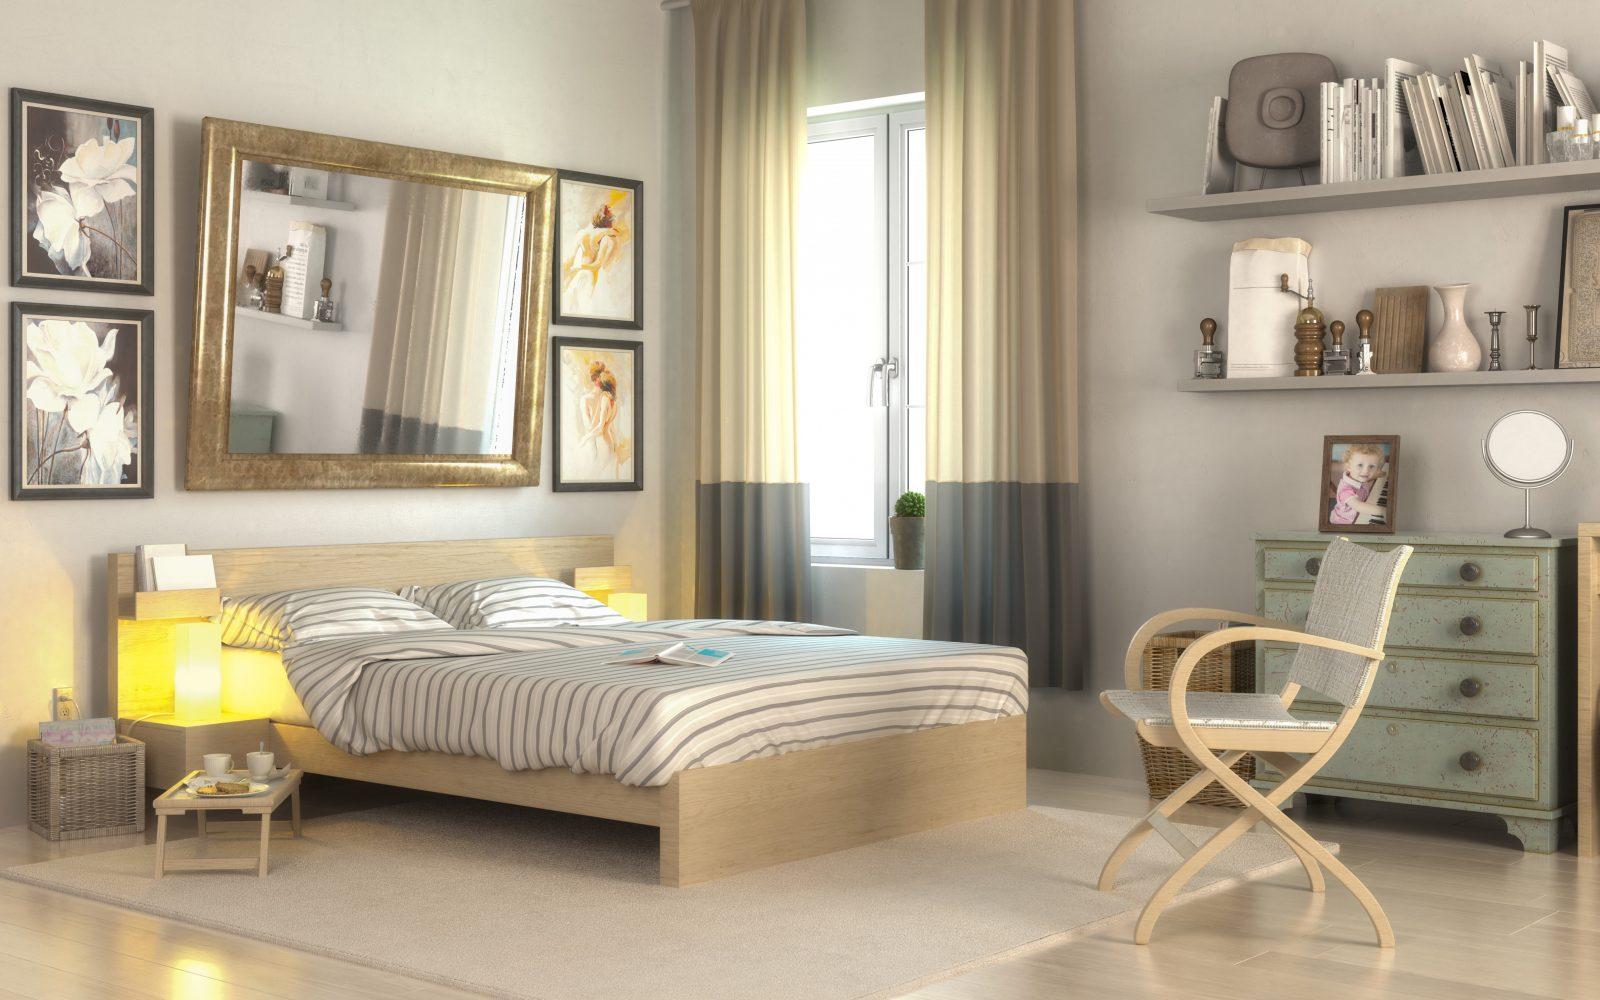 Kleines Schlafzimmer Einrichten So Können Sie Den Platz von Einrichtung Schlafzimmer Ideen Bild